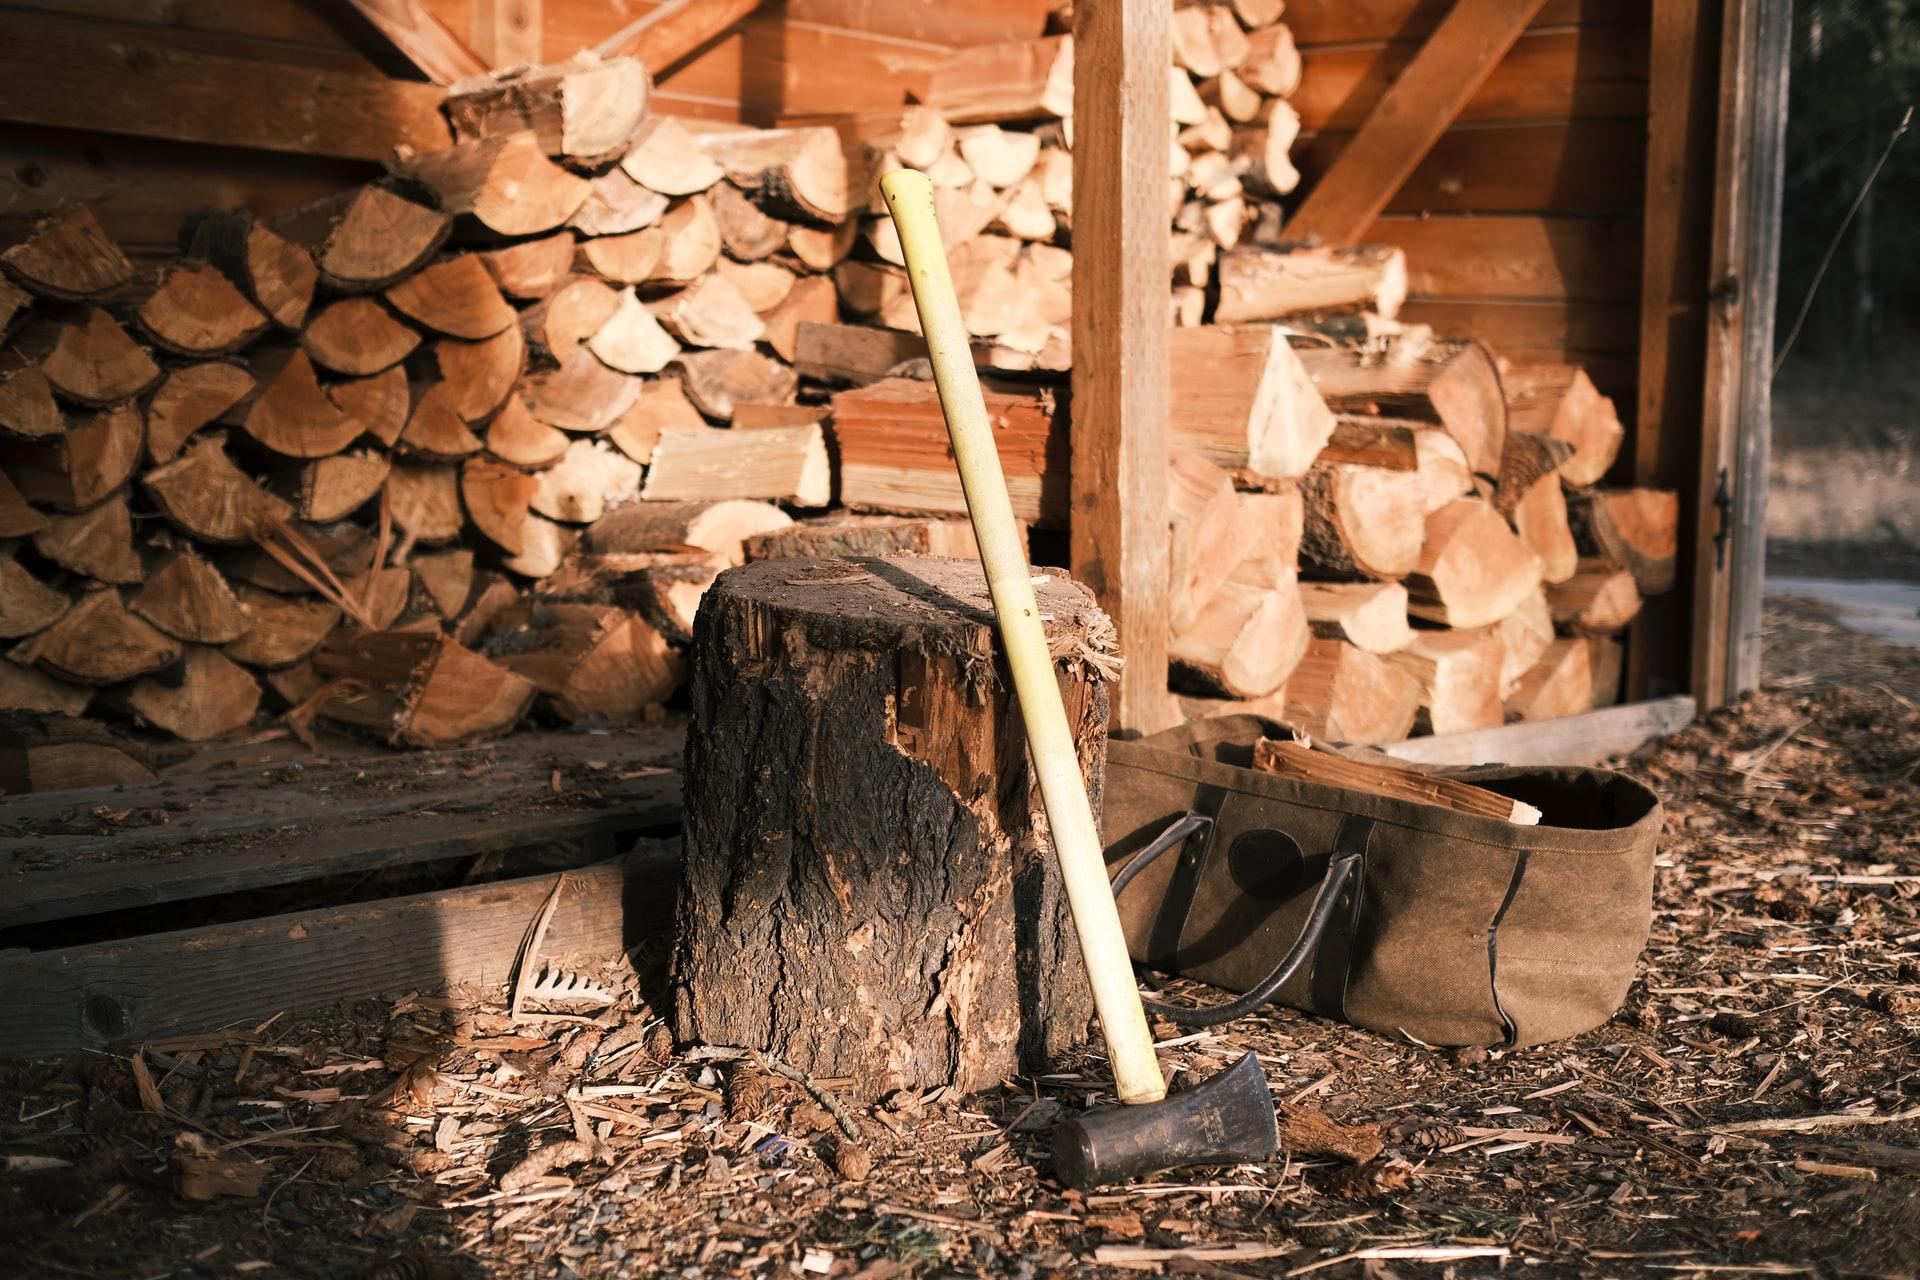 Comment bien stocker son bois de chauffage